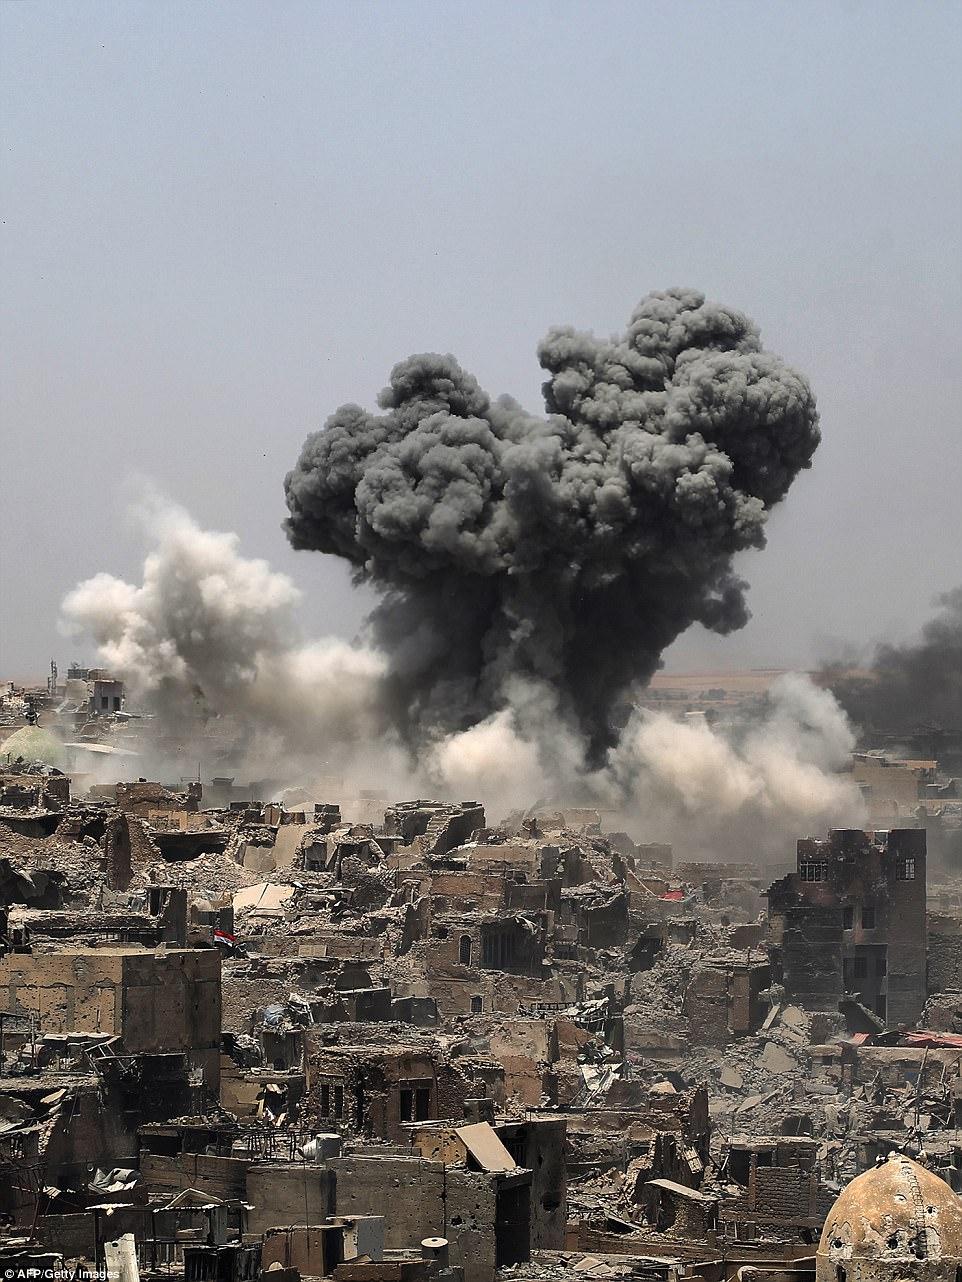 """El primer ministro iraquí Haider al-Abadi anunció hoy la """"victoria"""" sobre ISIS tras un ataque aéreo masivo contra los terroristas"""